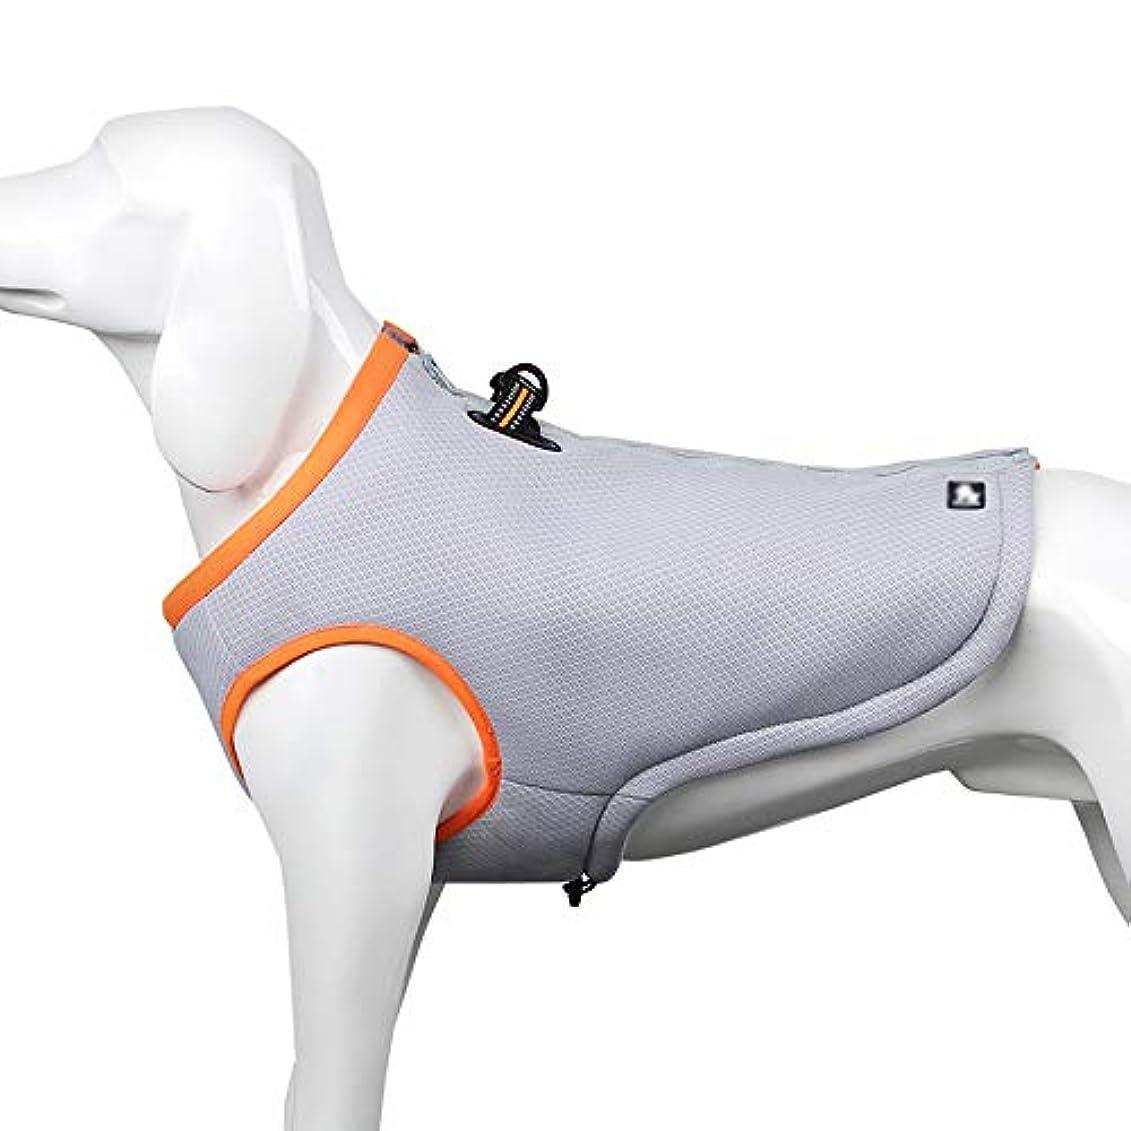 前投薬顕現醜いLinannau 犬用ハーネス引くことができないペット用ハーネス調節可能な屋外ペット用ベストスクリーンクロス素材ベスト用犬用中型大型犬用簡単制御 (色 : オレンジ, サイズ : M)